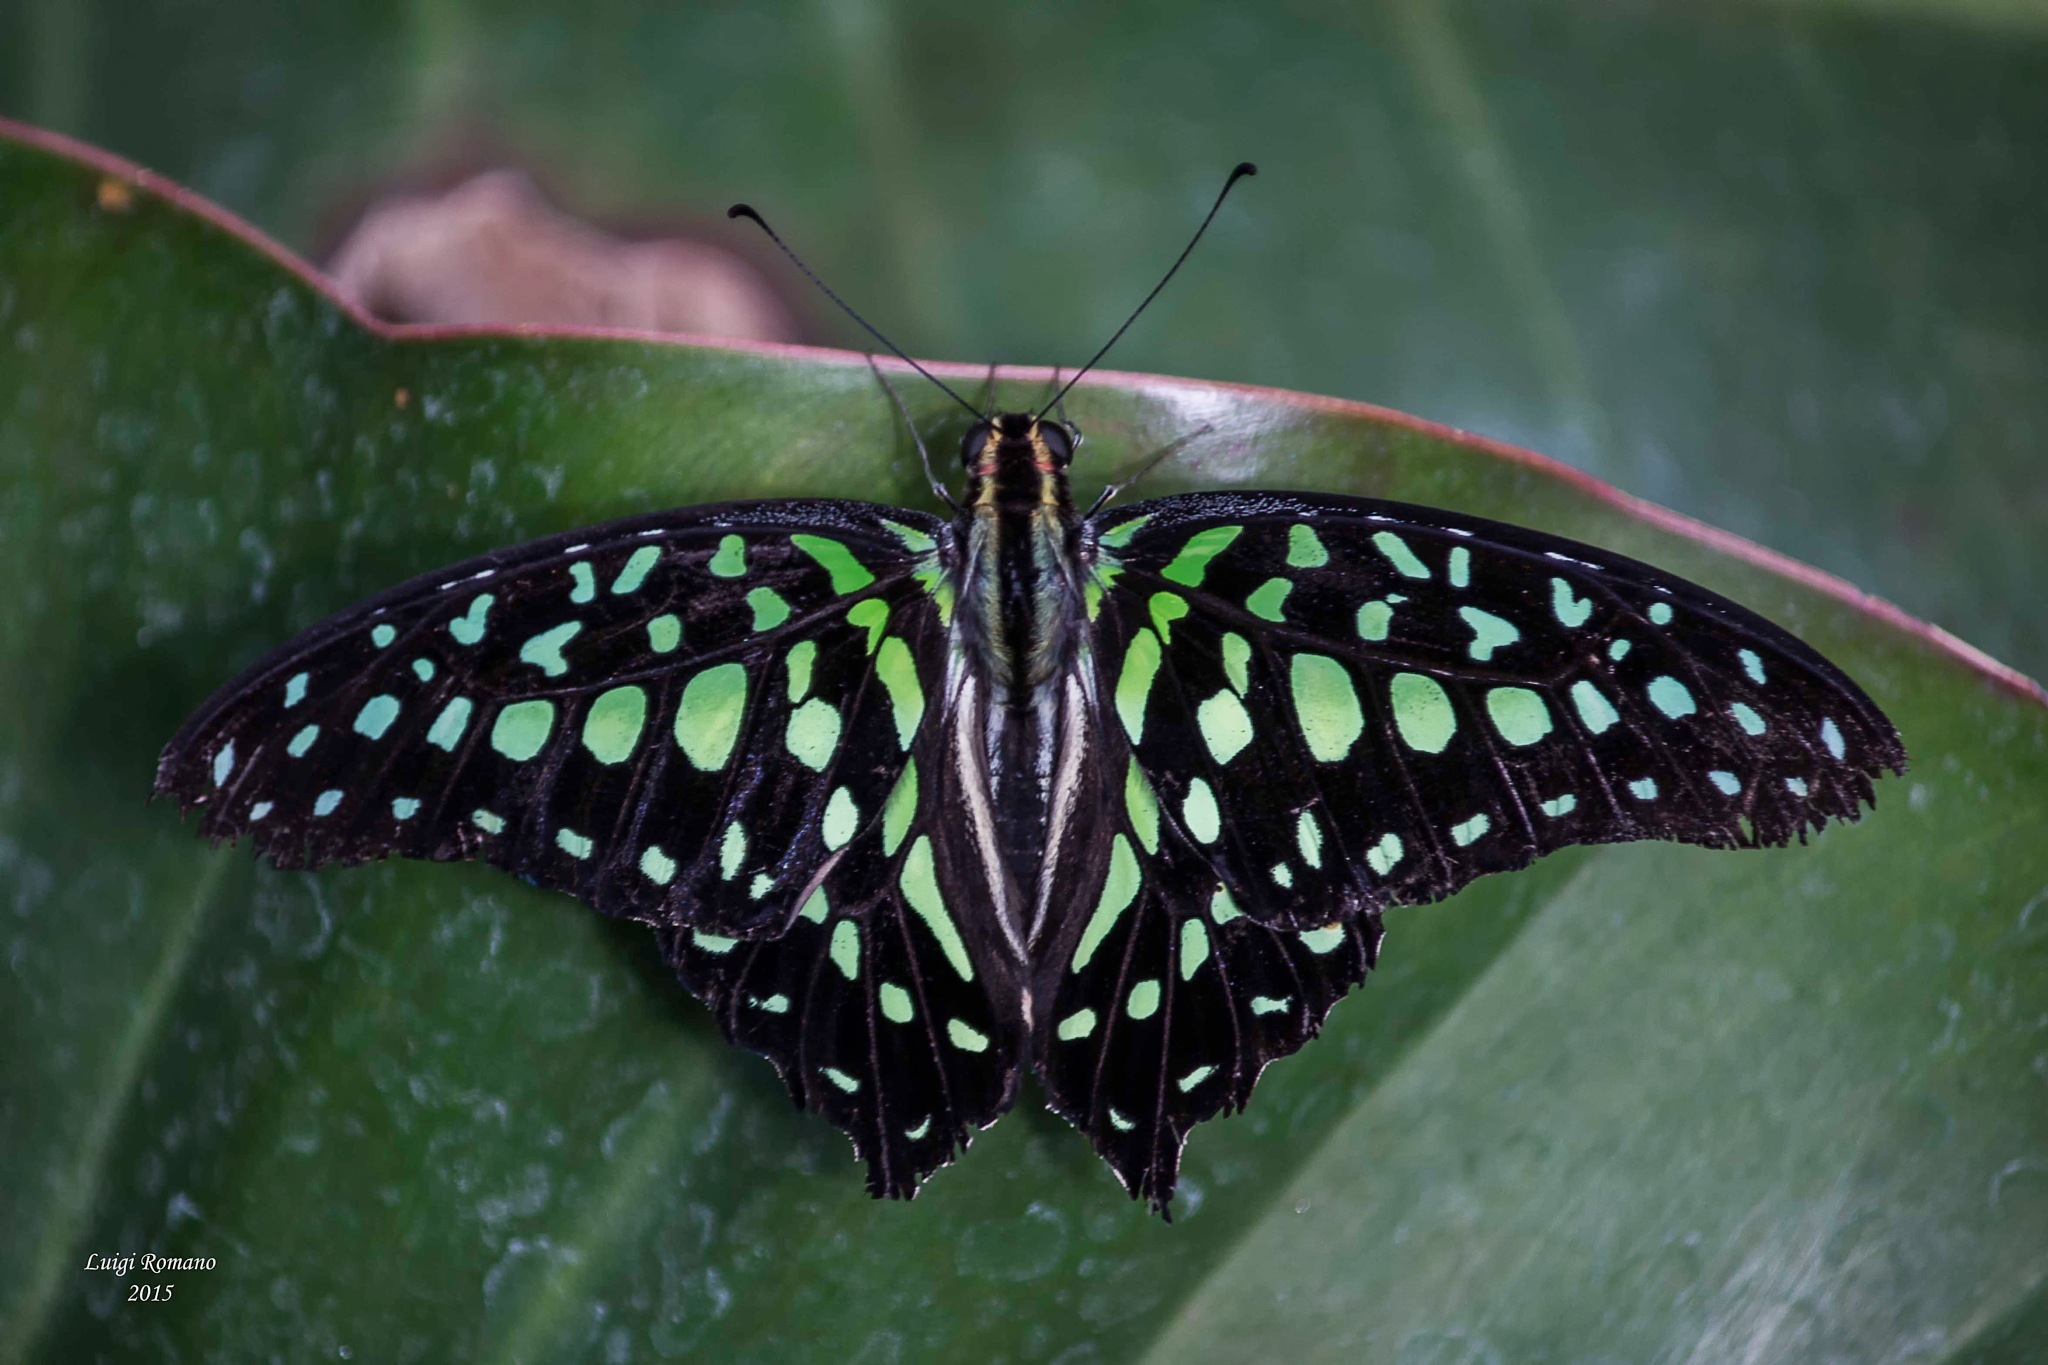 Butterfly by Luigi Romano